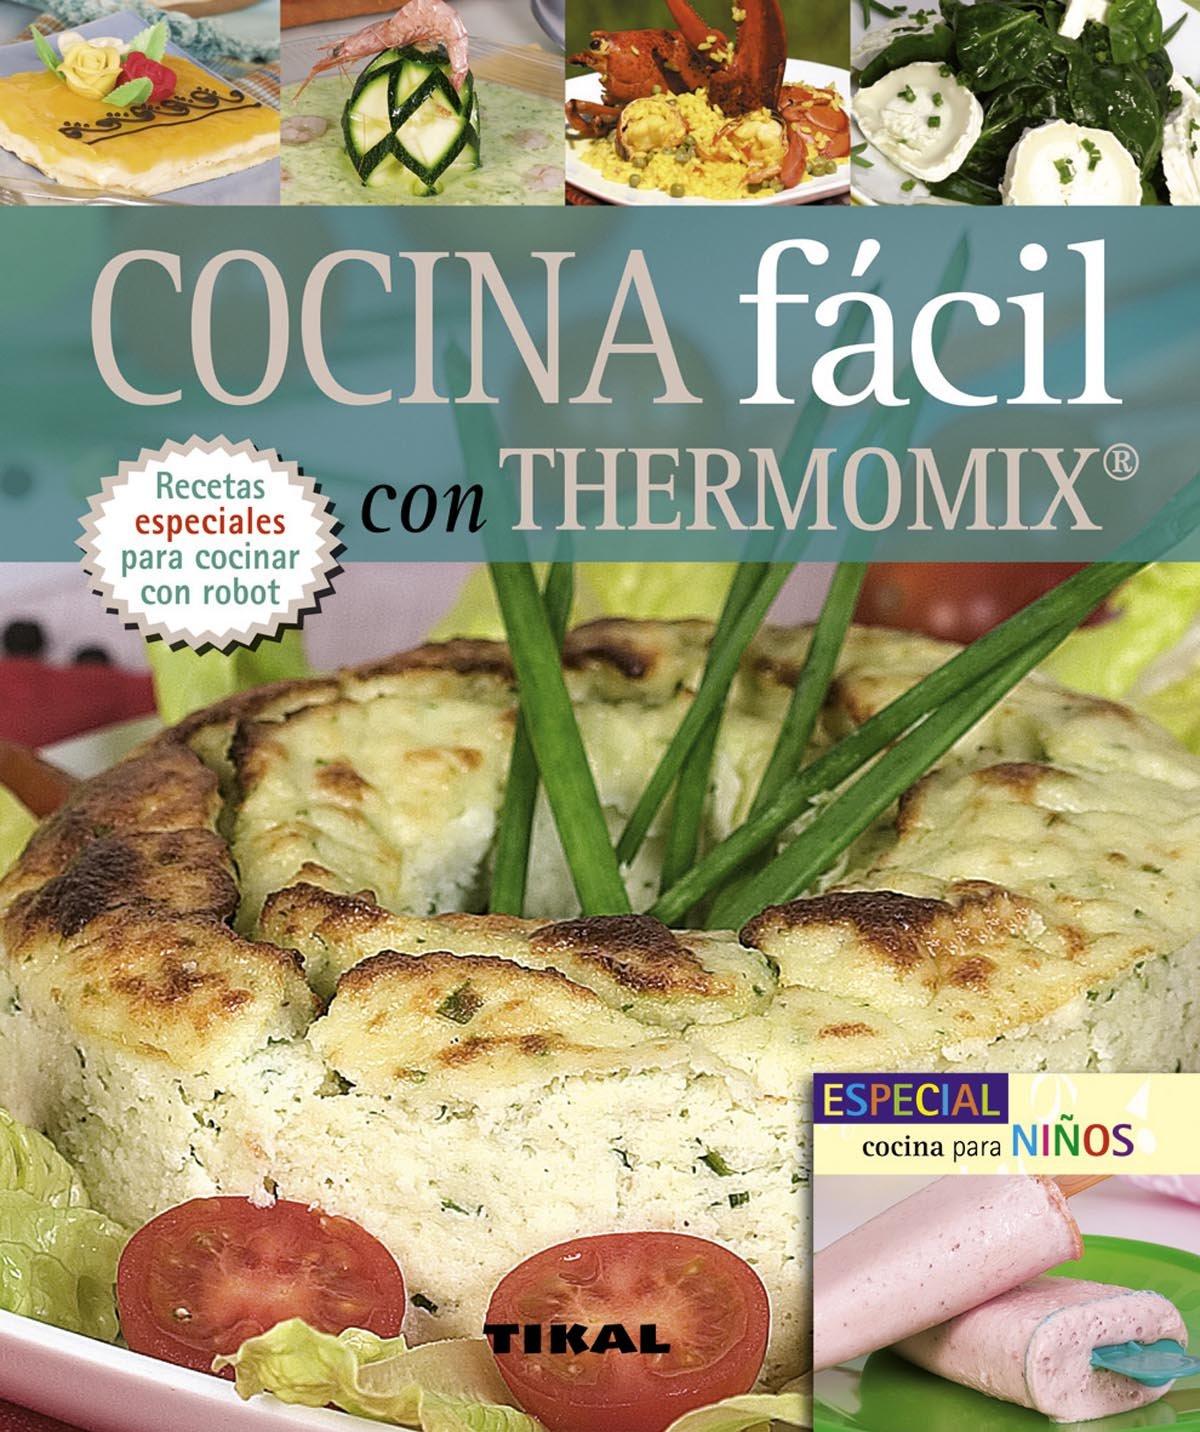 Cocina Facil Con Thermomix (Pequeños Tesoros): Amazon.es: Serrano, Blanca: Libros